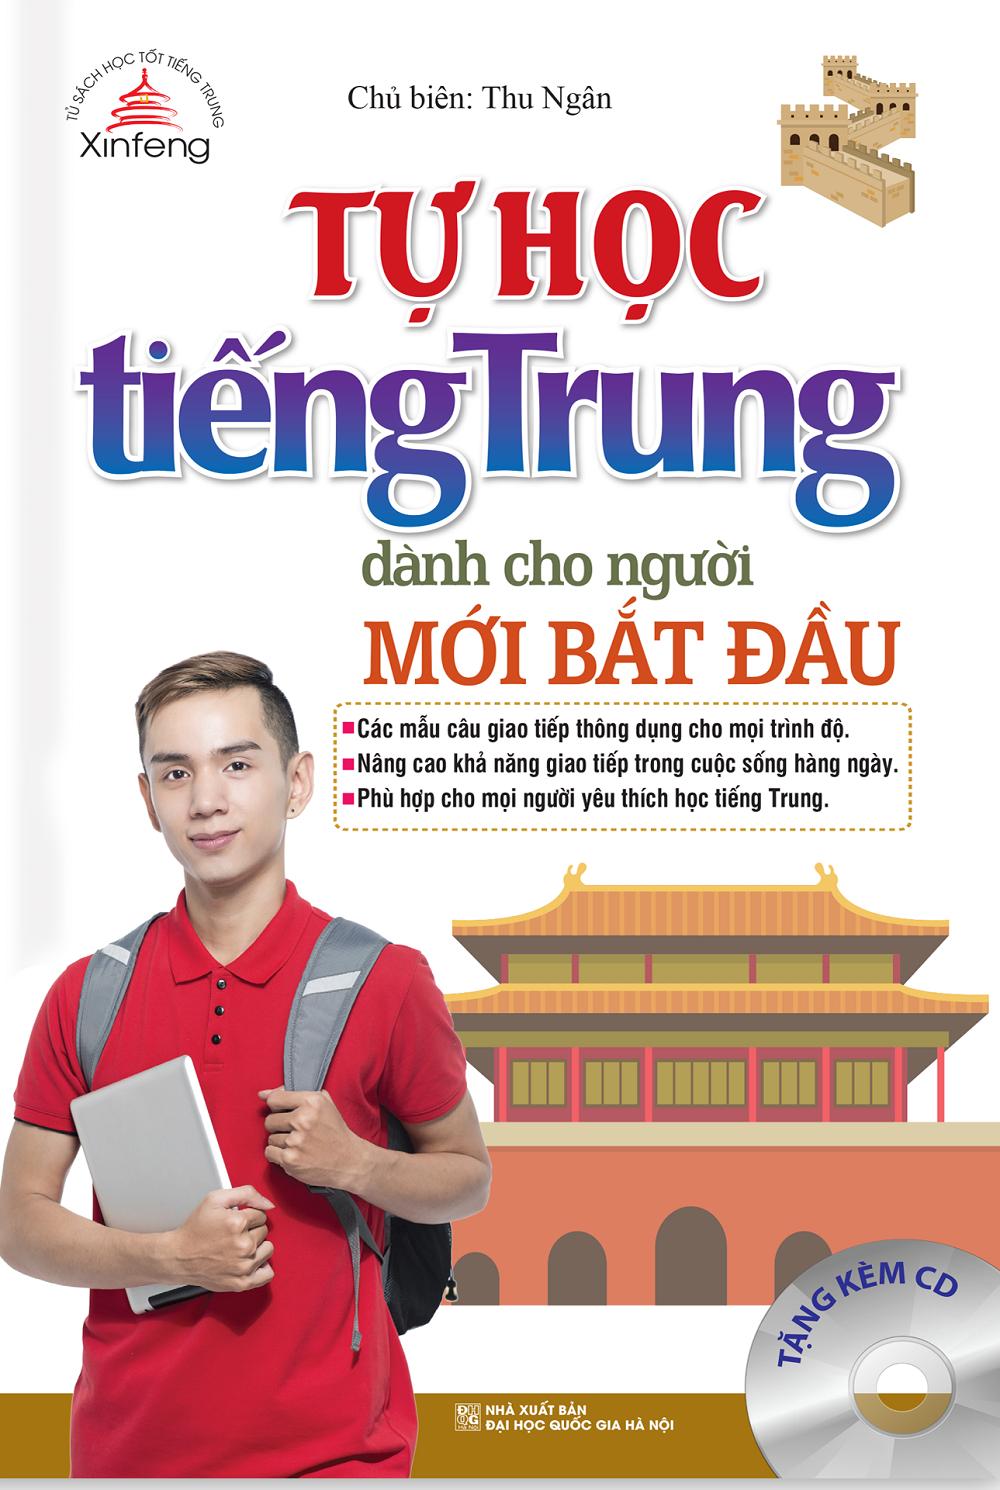 tu-hoc-tieng-trung-cho-nguoi-moi-bat-dau-70k.u547.d20161219.t091453.590482.png